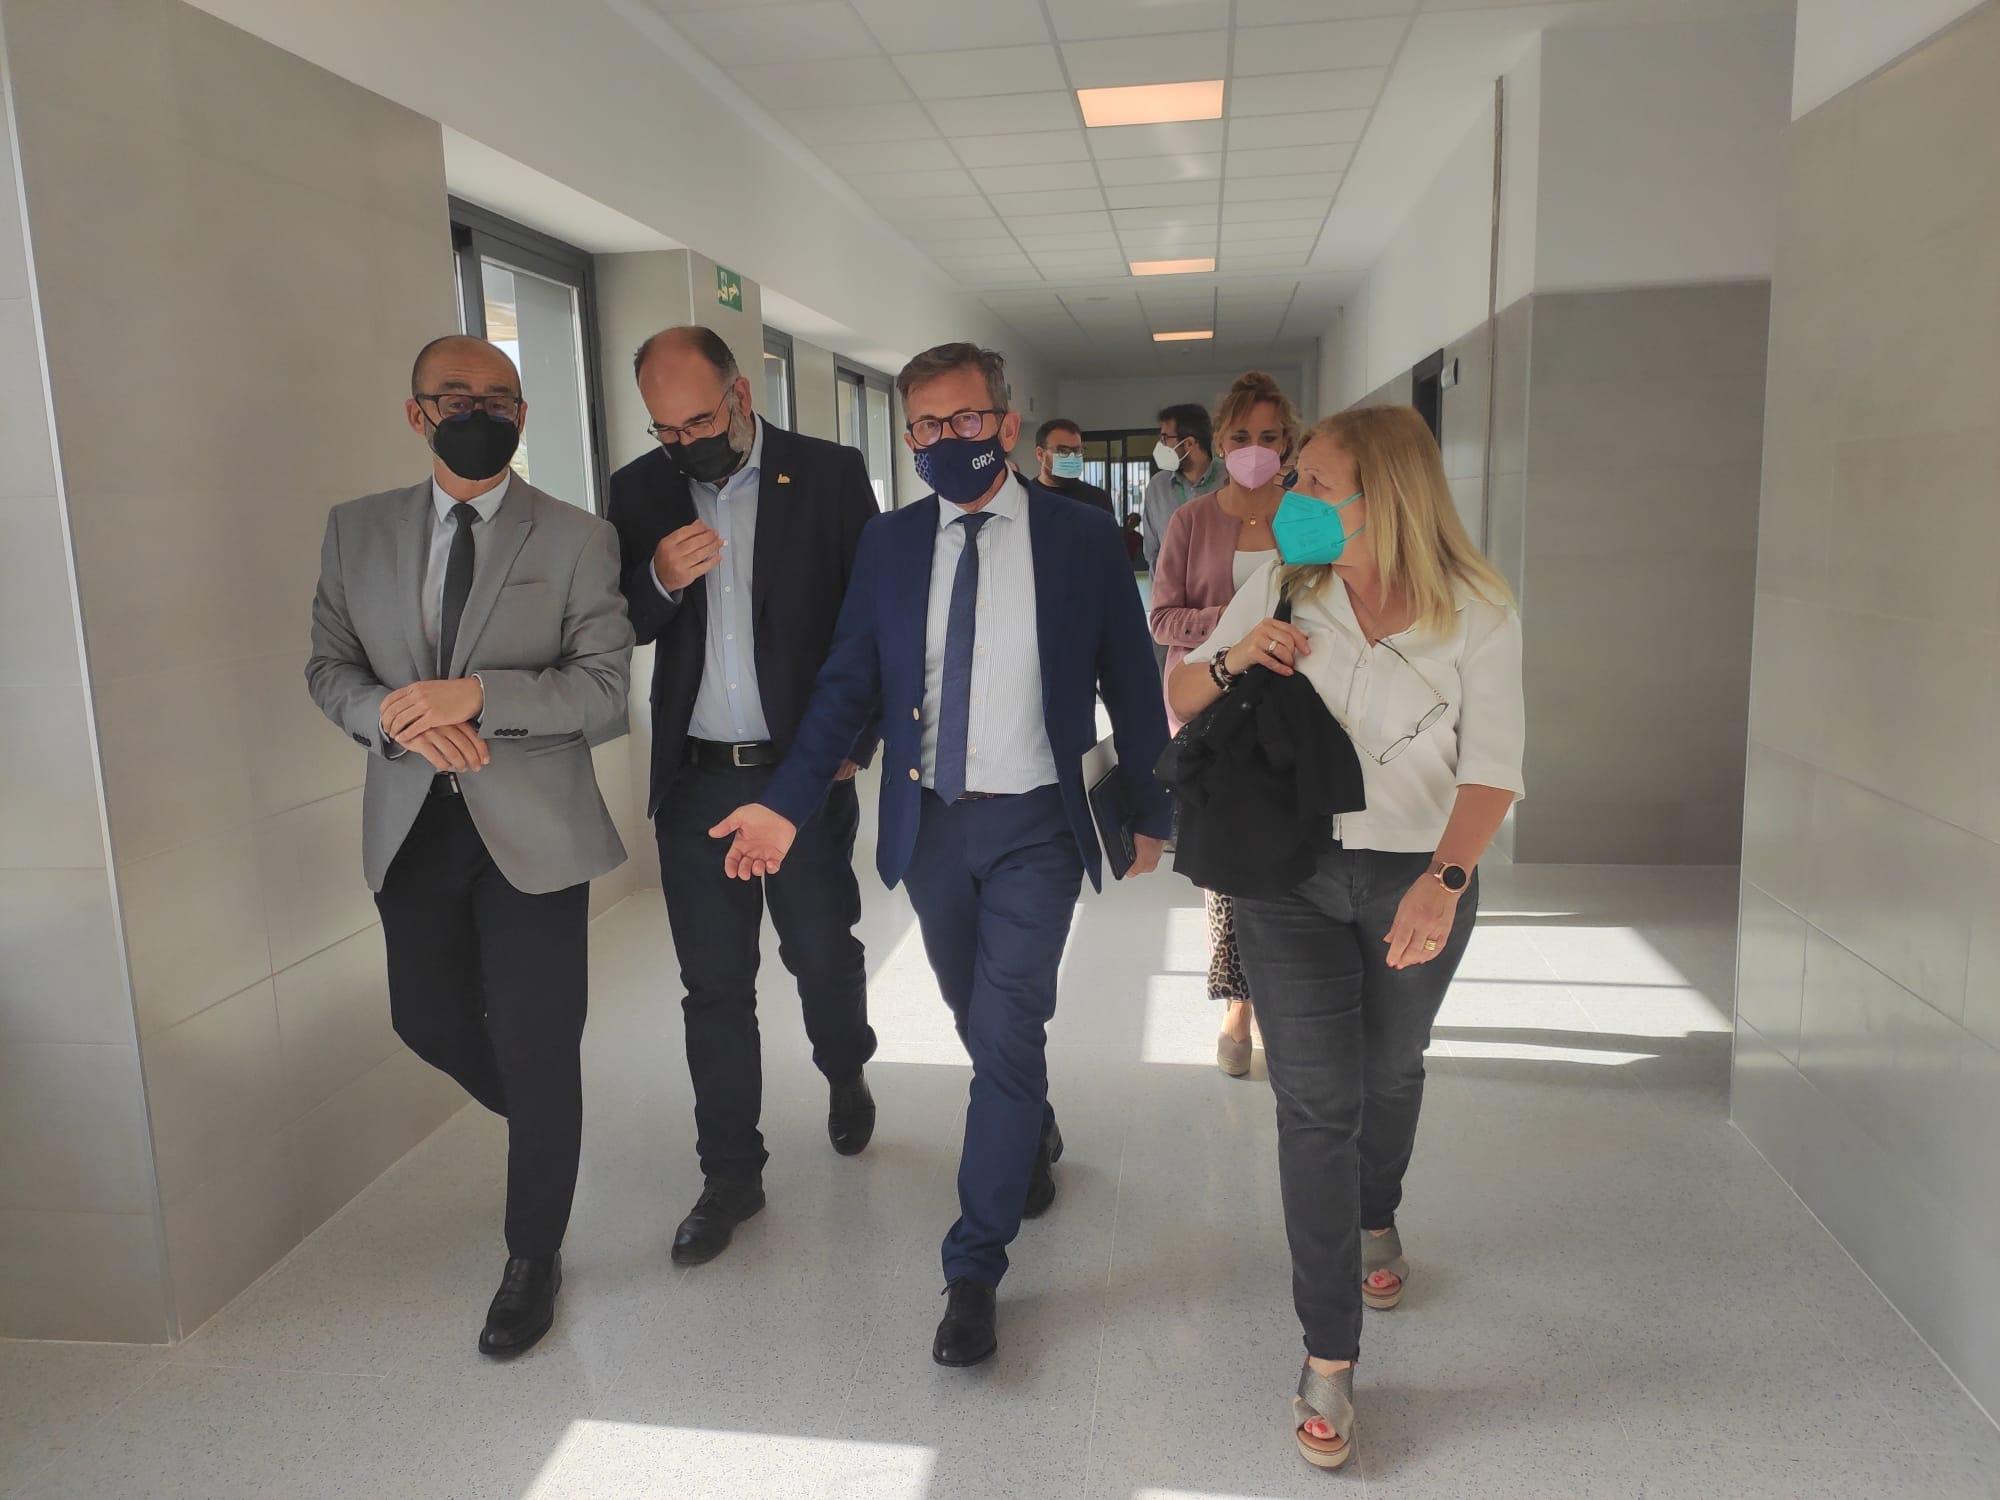 Educación invierte más de 8 millones de euros en obras de ampliación de los centros educativos de Albolote